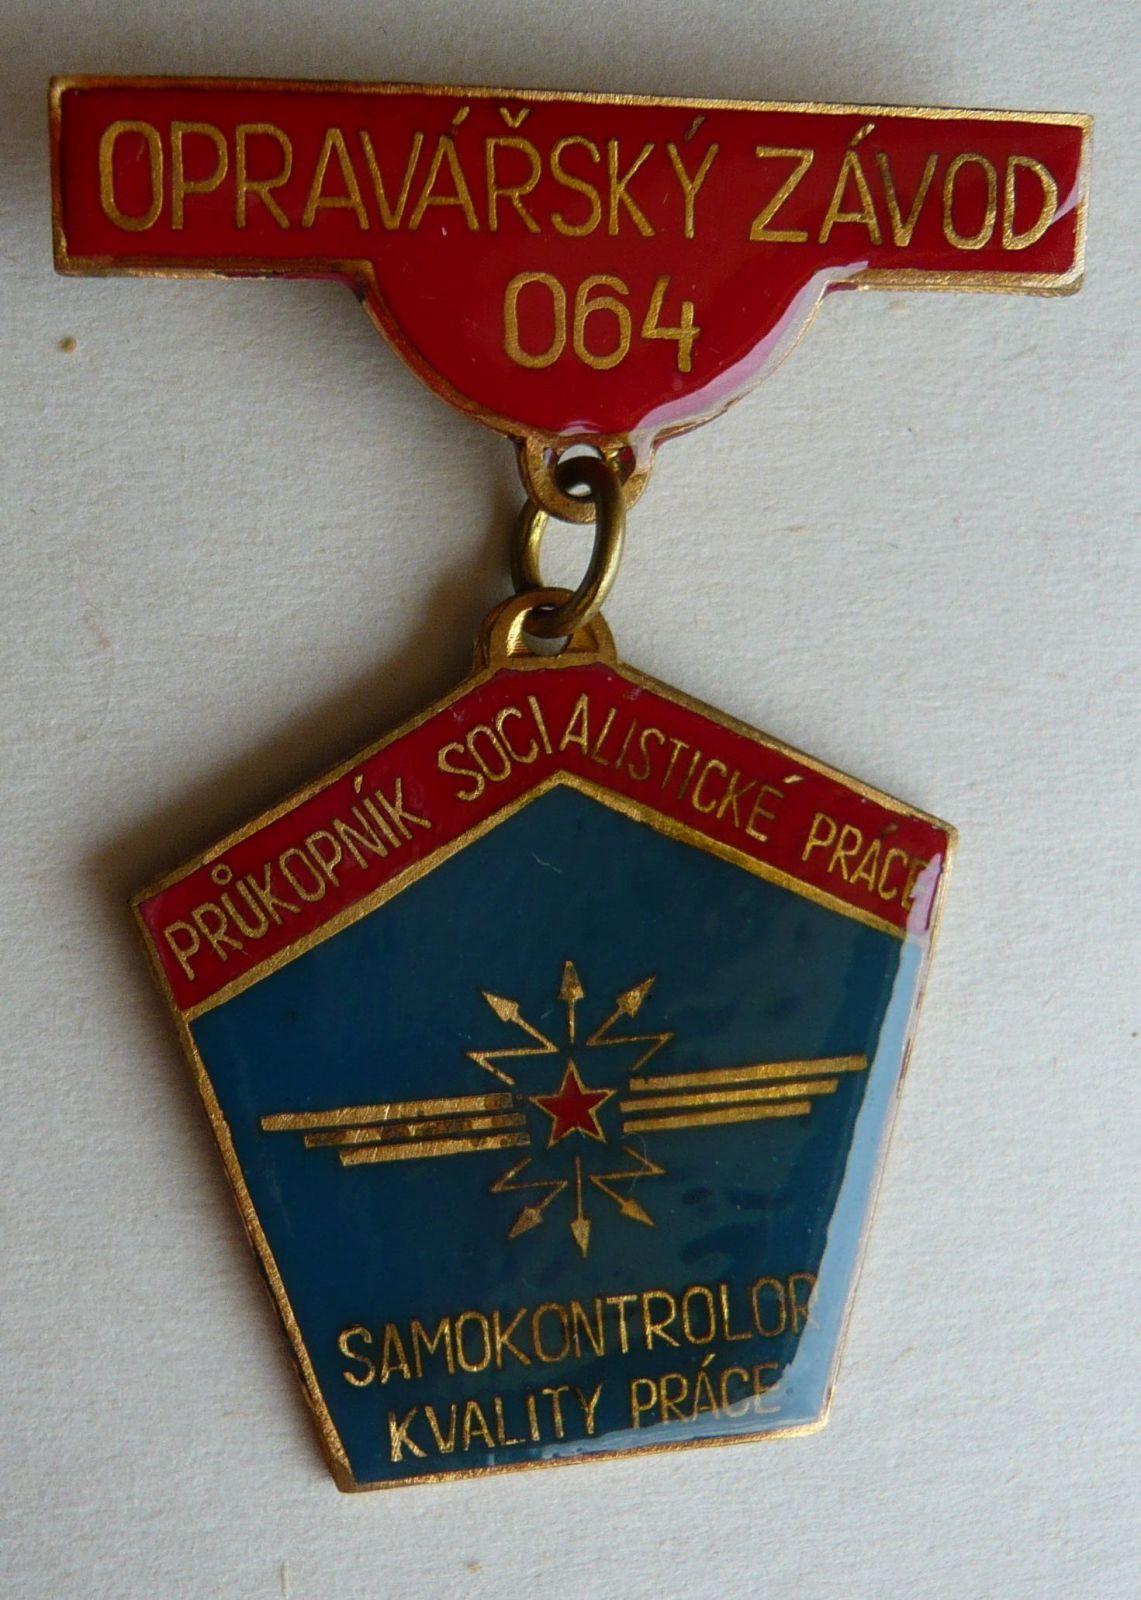 ČSR - Vojenský opravárenský závod - průkopník soc.práce